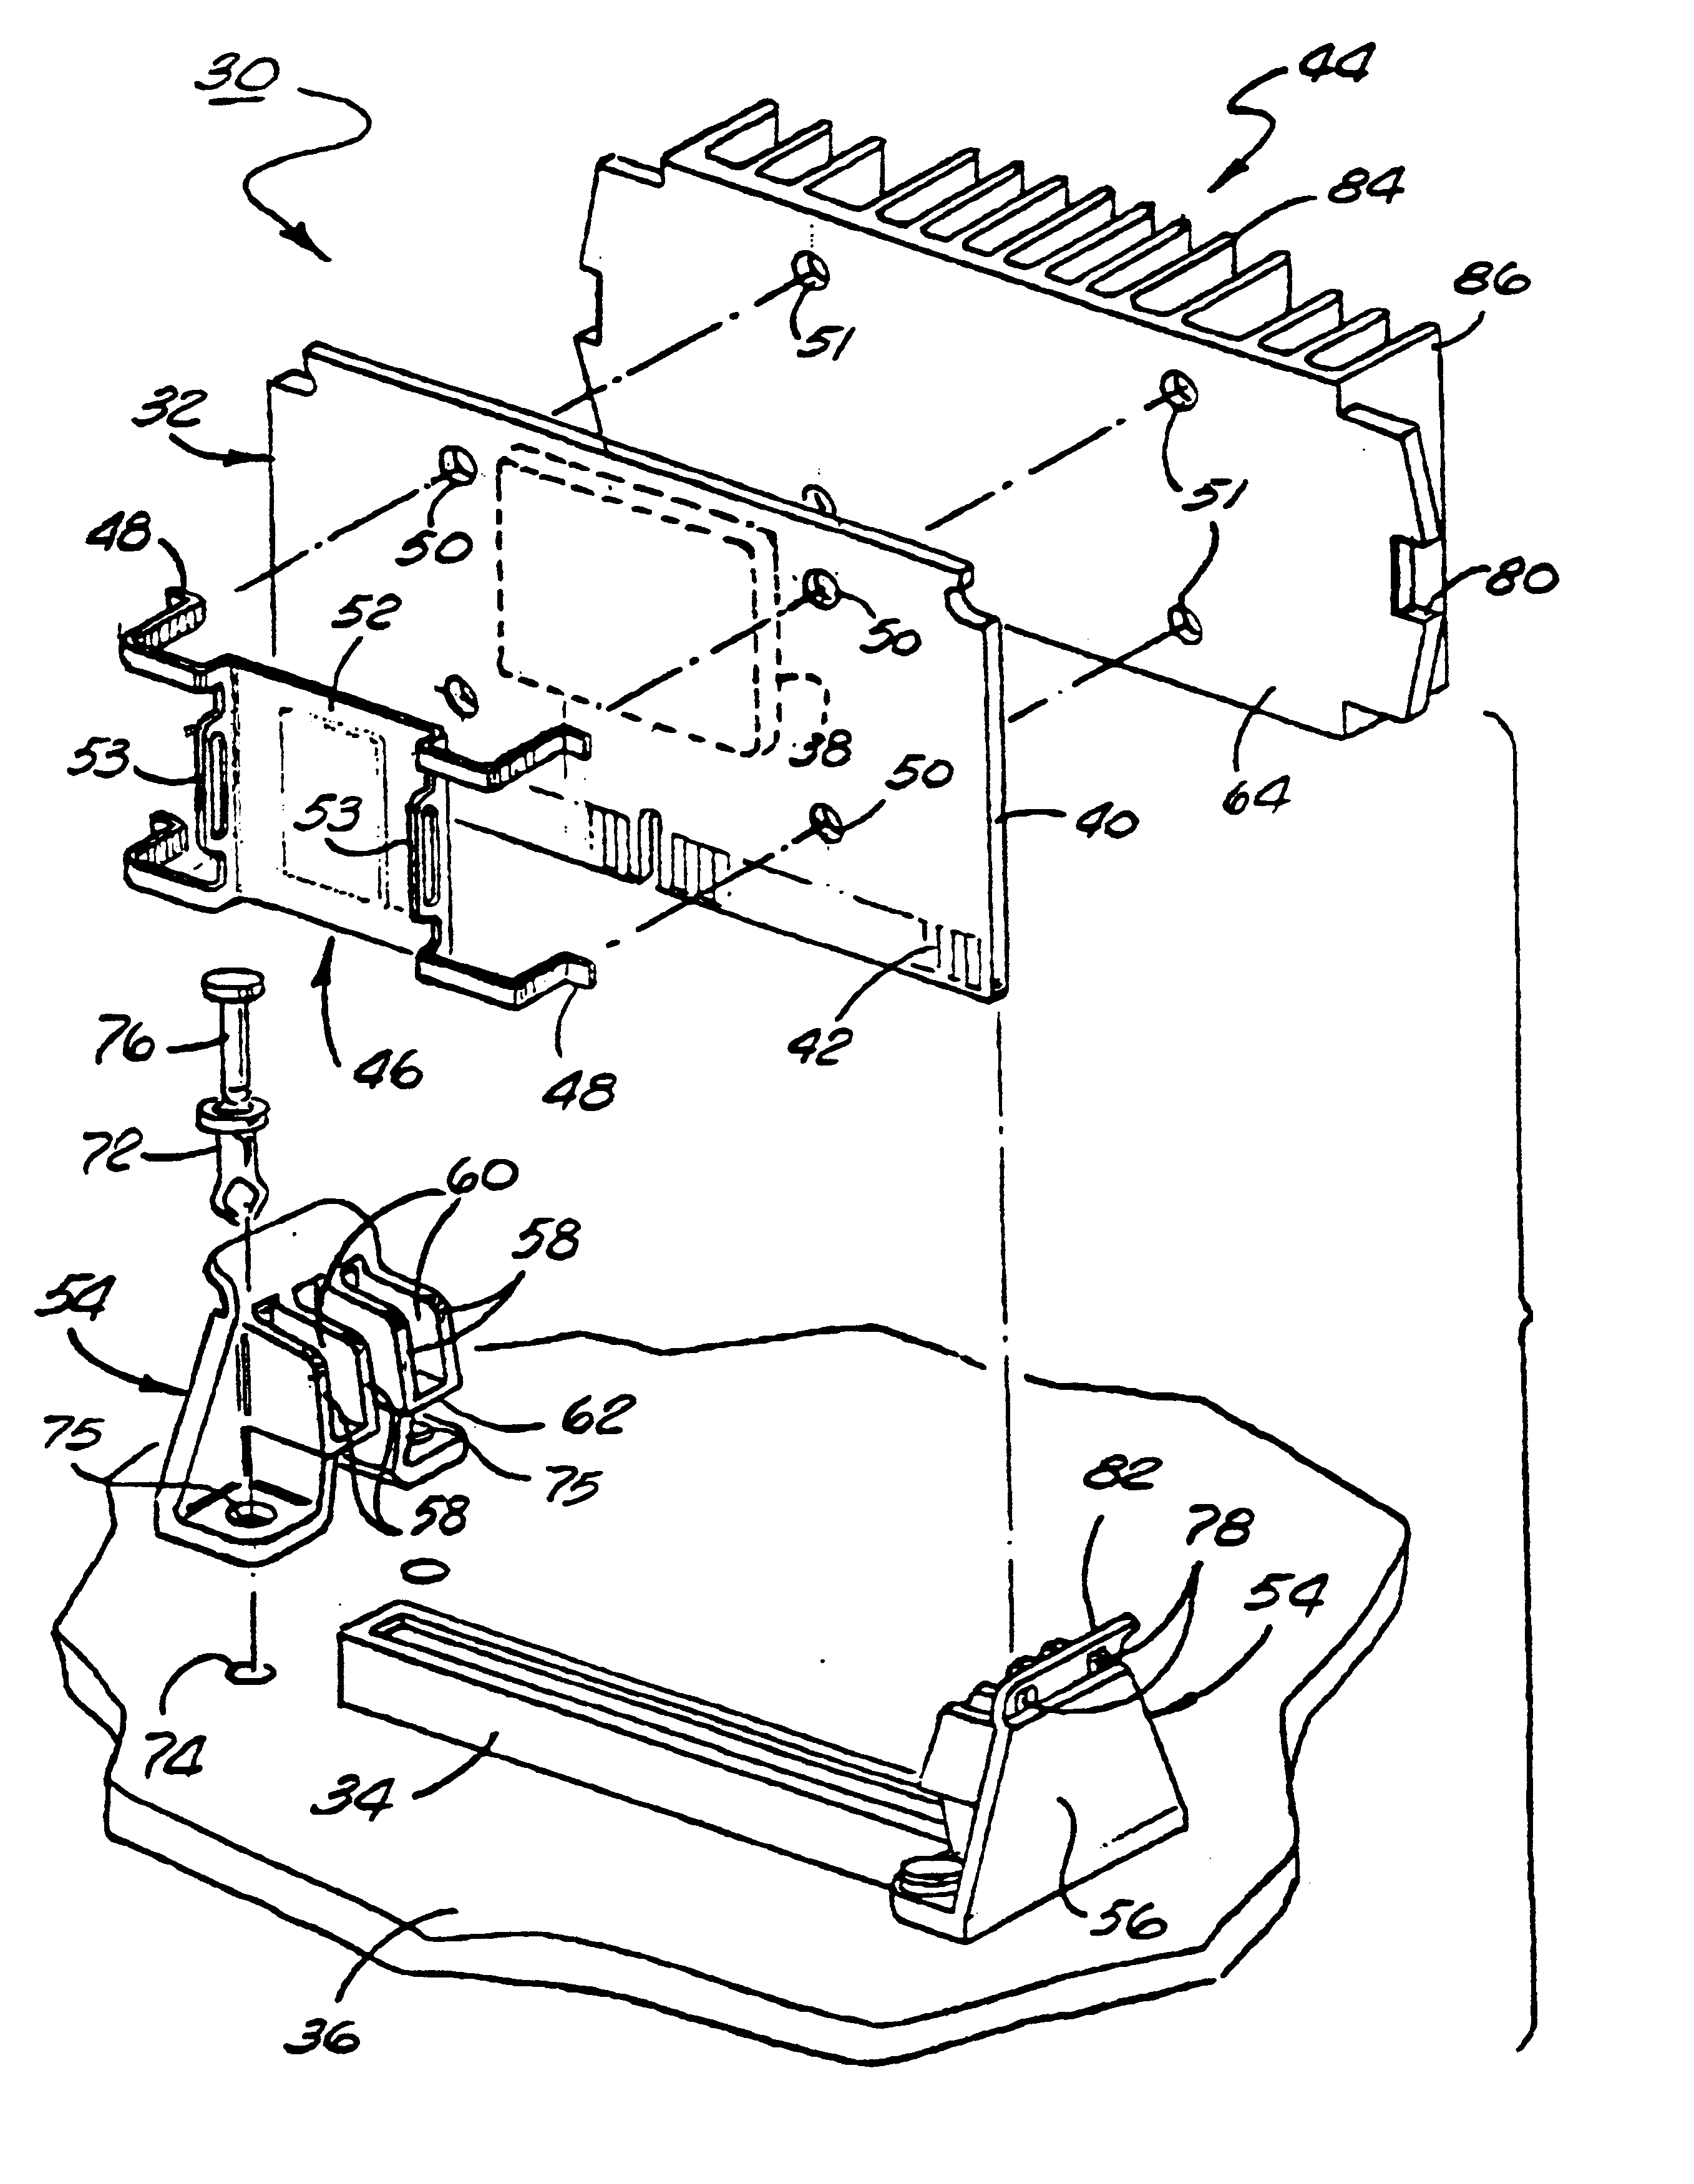 patent us6722908